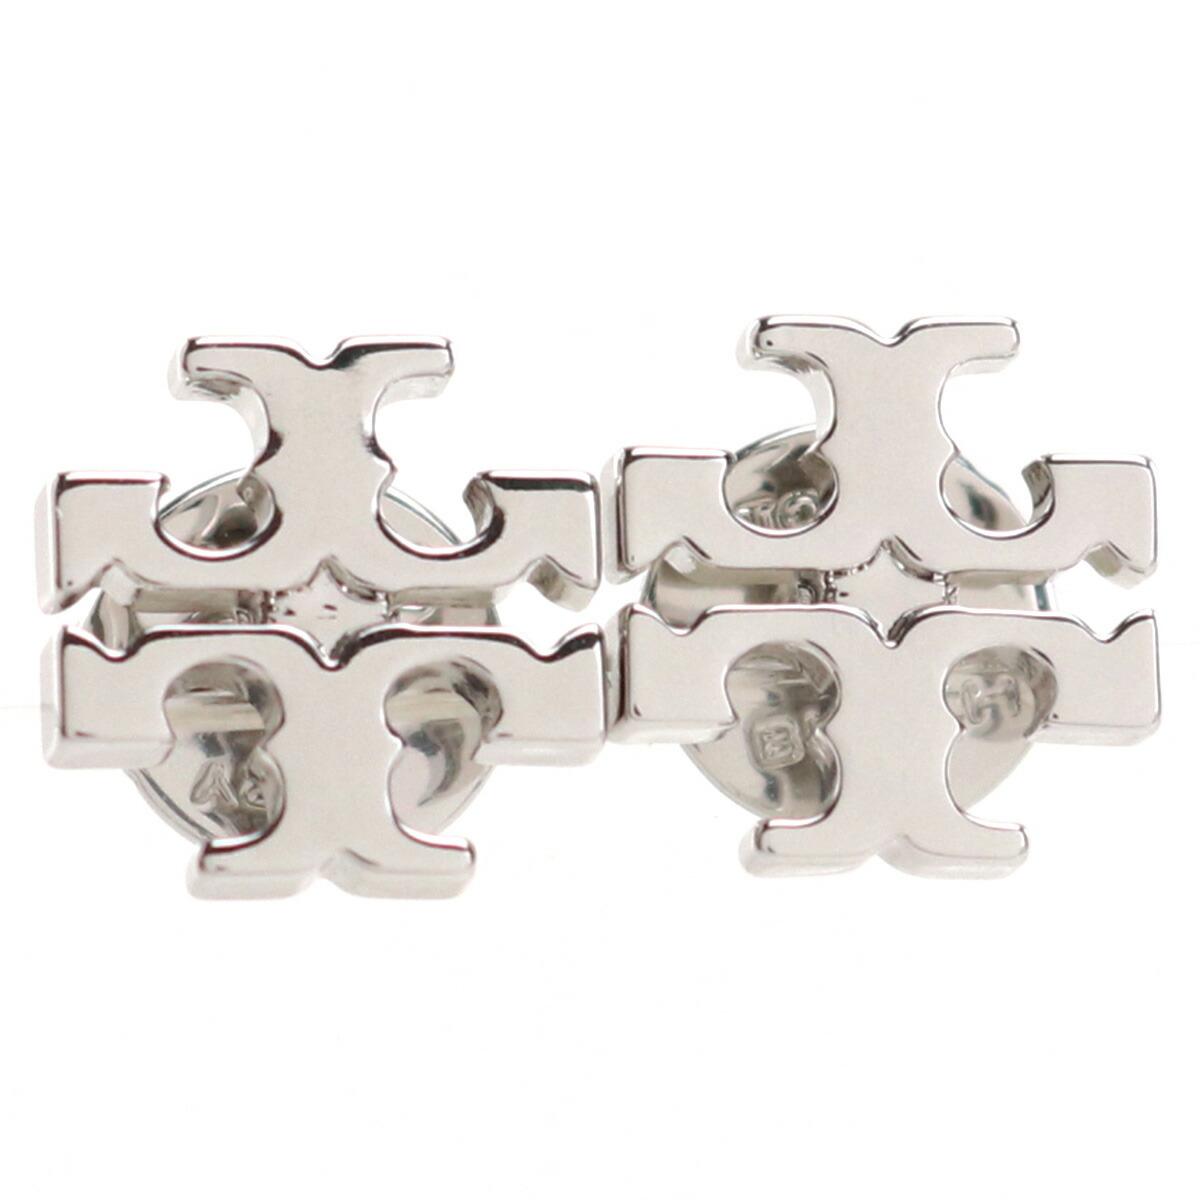 トリーバーチ TORY BURCH KIRA ピアス ブランドアクセサリー ブランドロゴ 11165504 022 TORY SILVER シルバー系 accessory-01 gsw-5